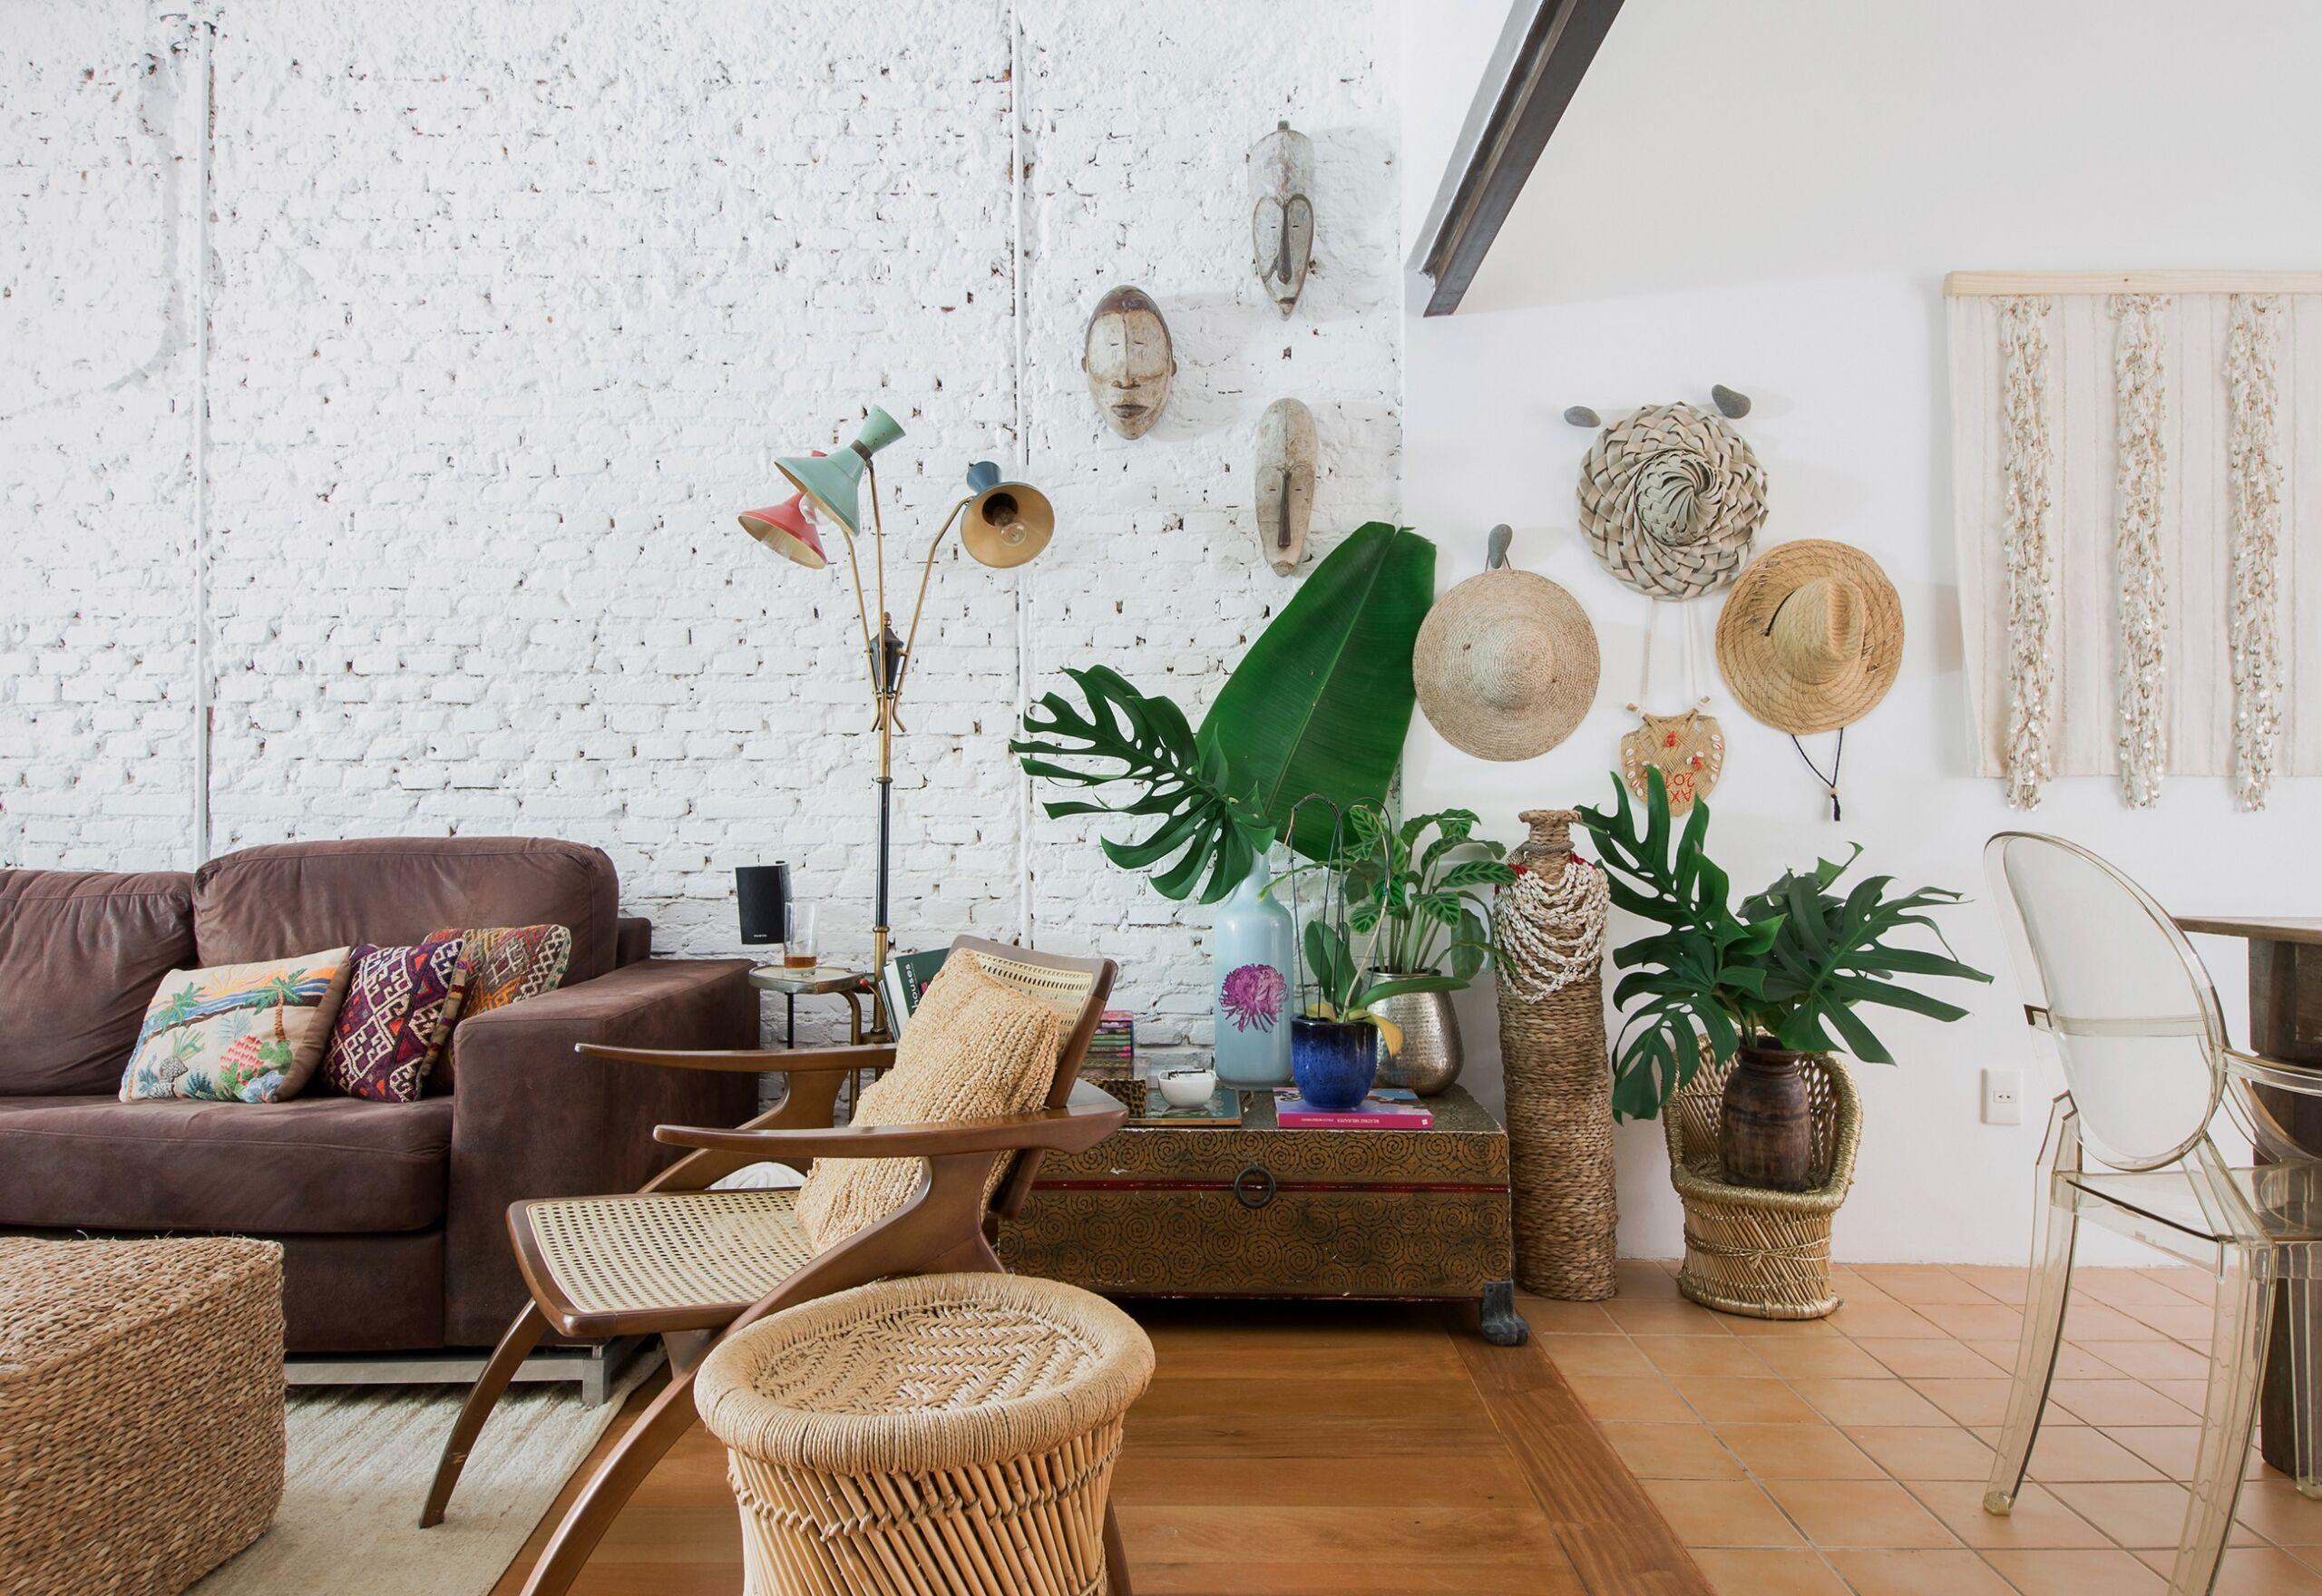 Casa com detalhes rústicos e tijolinho branco